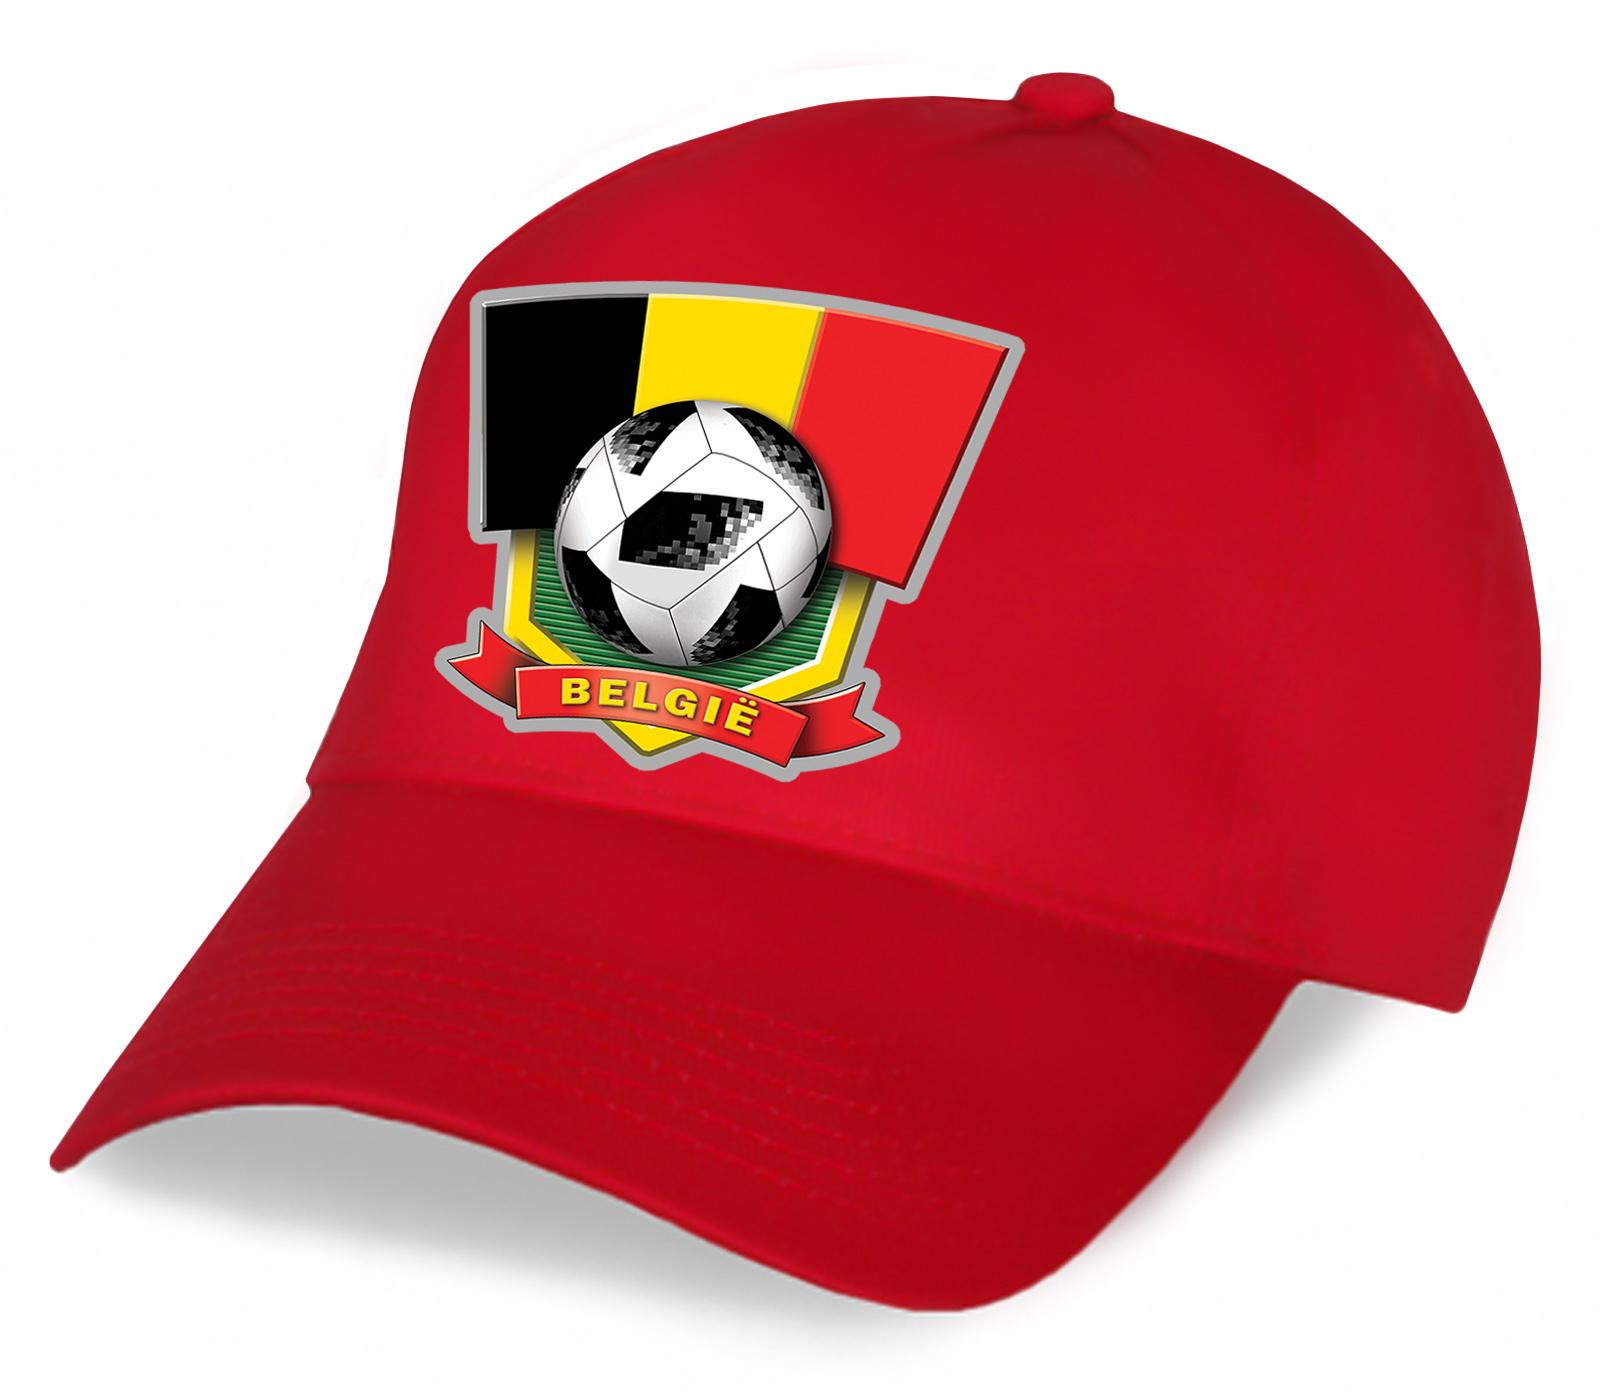 Красная фанатская бейсболка сборной Бельгии